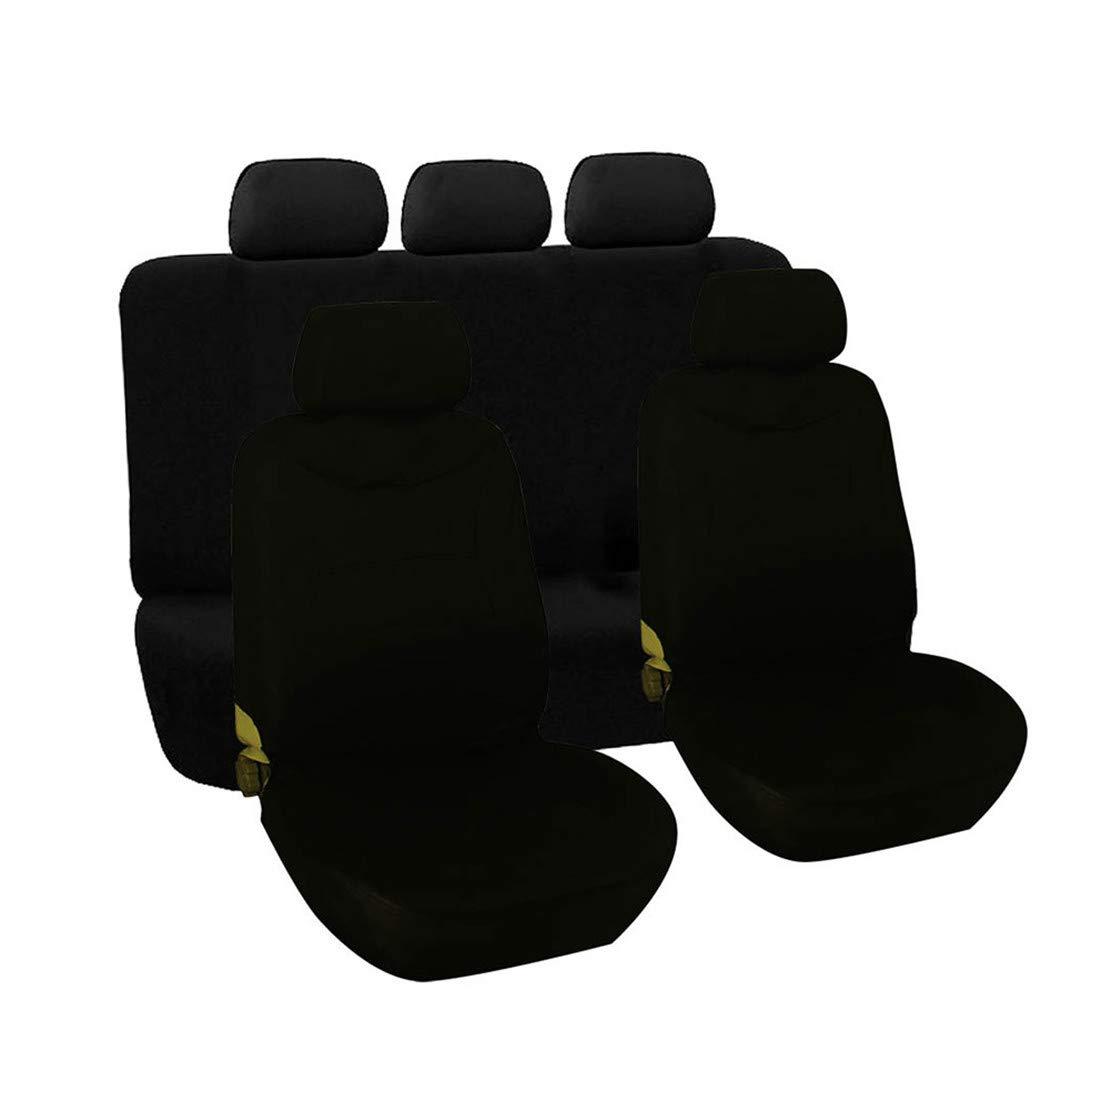 GODGETS Set Copri sedili per Auto Coprisedili Confortevoli Coprisedili Antipioggia Coprisedili Anteriori e Posteriori Universale per Auto,Tutto in Nero,2 Seater Anteriore